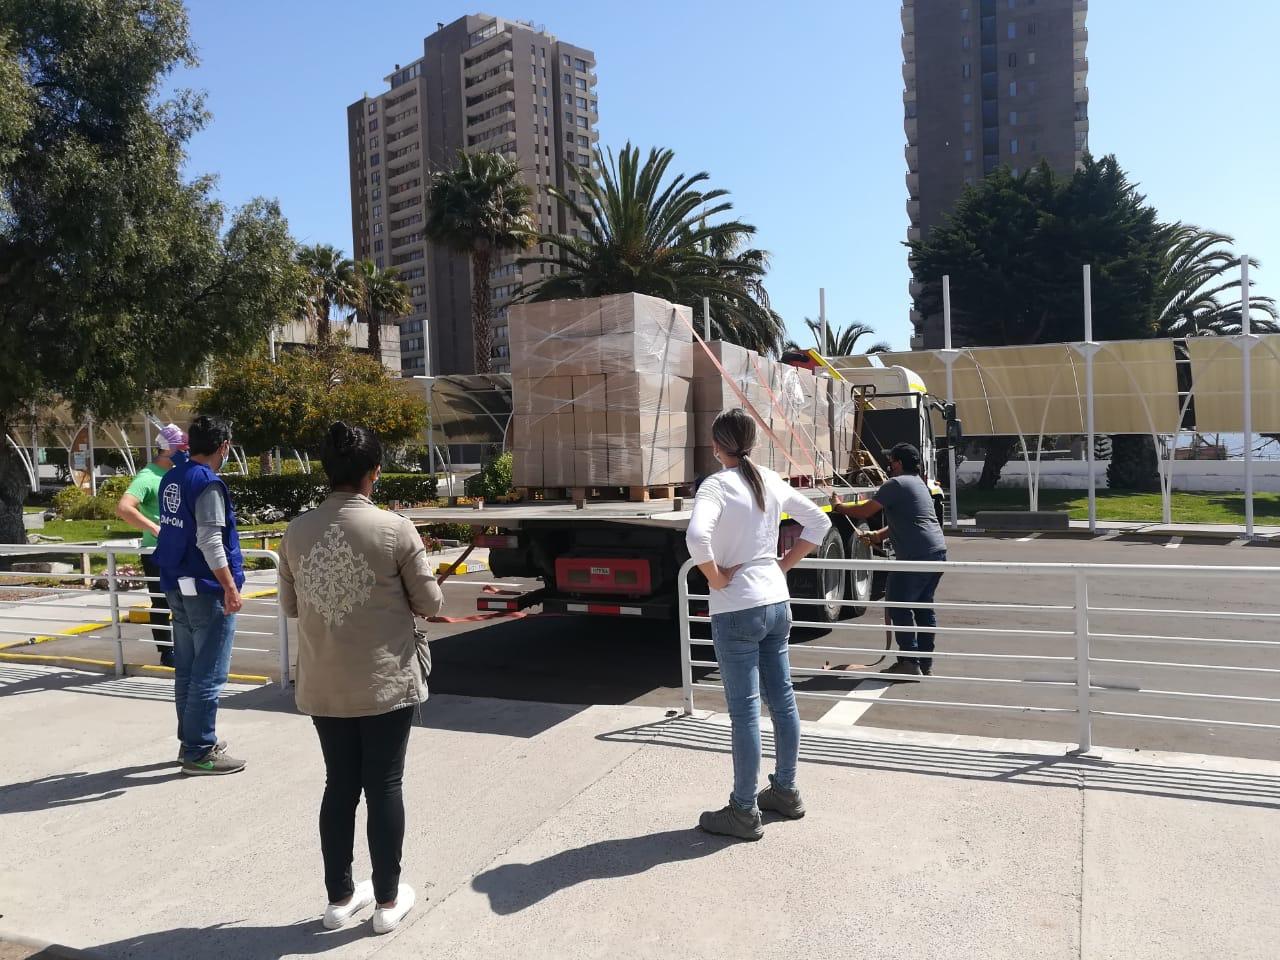 AIA impulsa campaña con sus empresas socias y entrega cajas de alimentos a familias vulnerables de la región